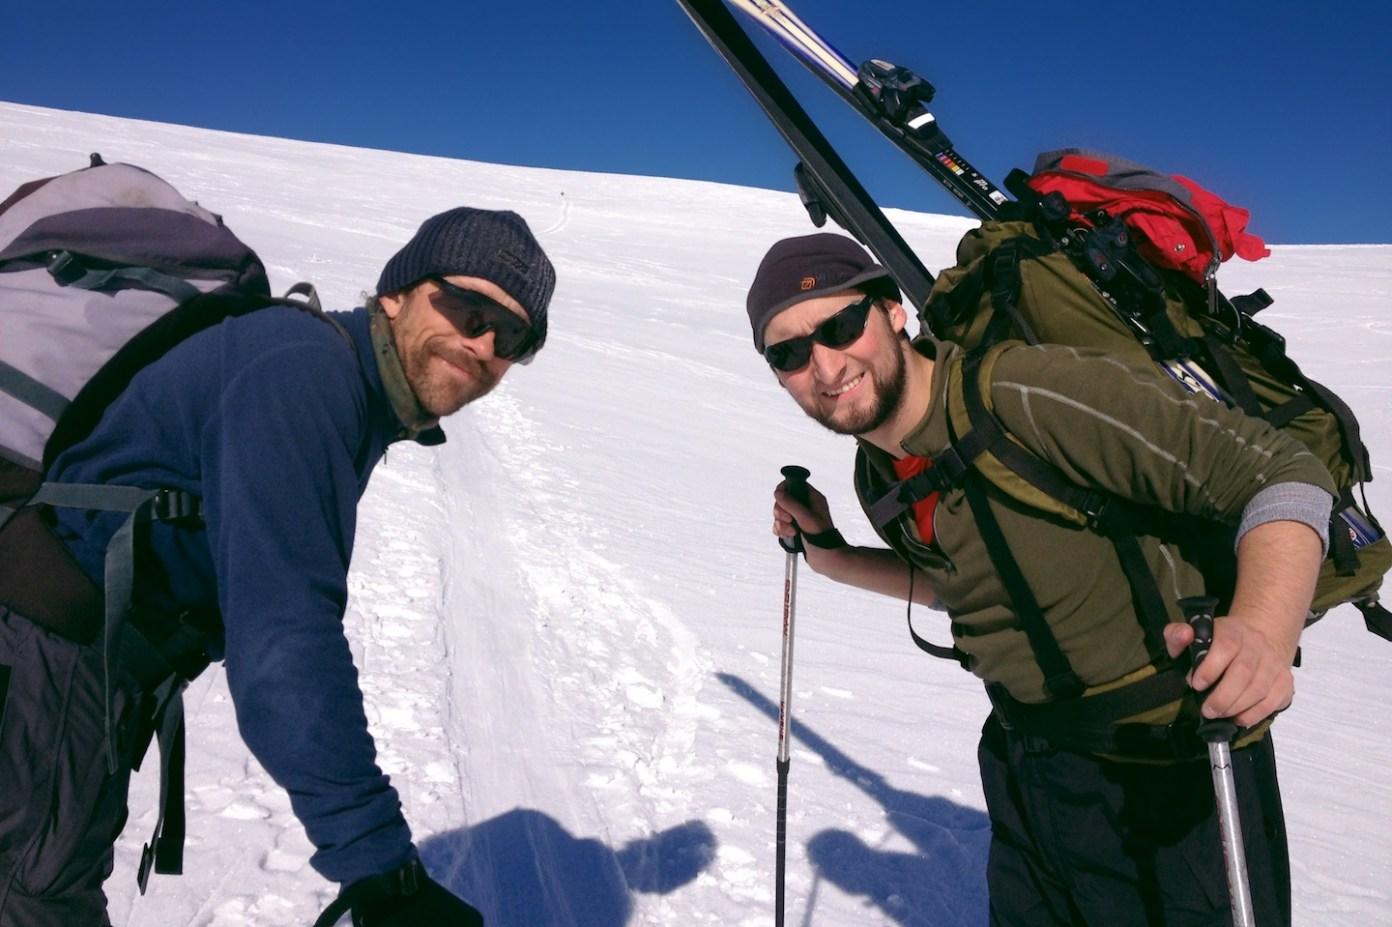 Kosí bratři. Kdo najde na snímku skialpinistu, který jde před námi, má u mě pivo.